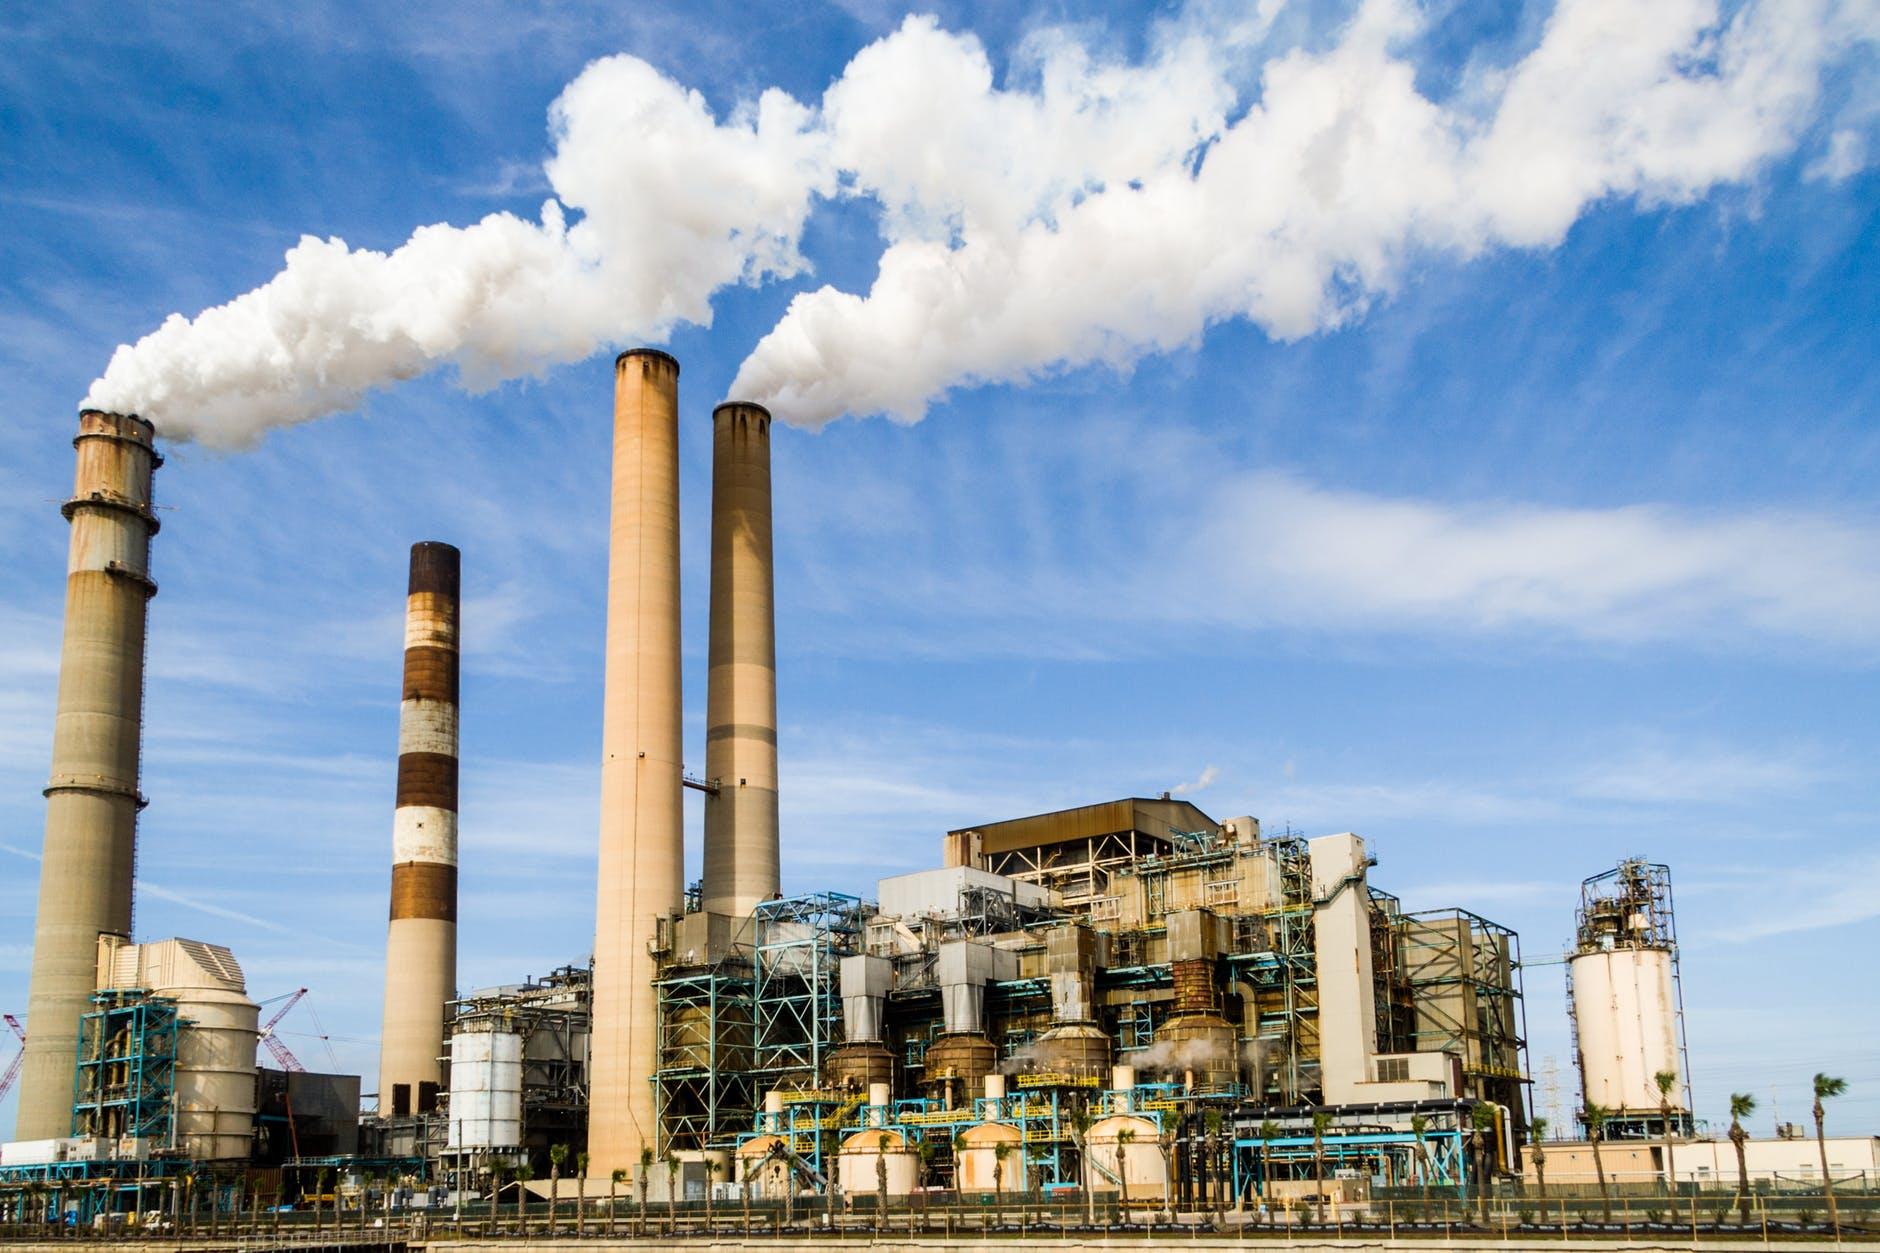 Küresel ısınma ve sanayi